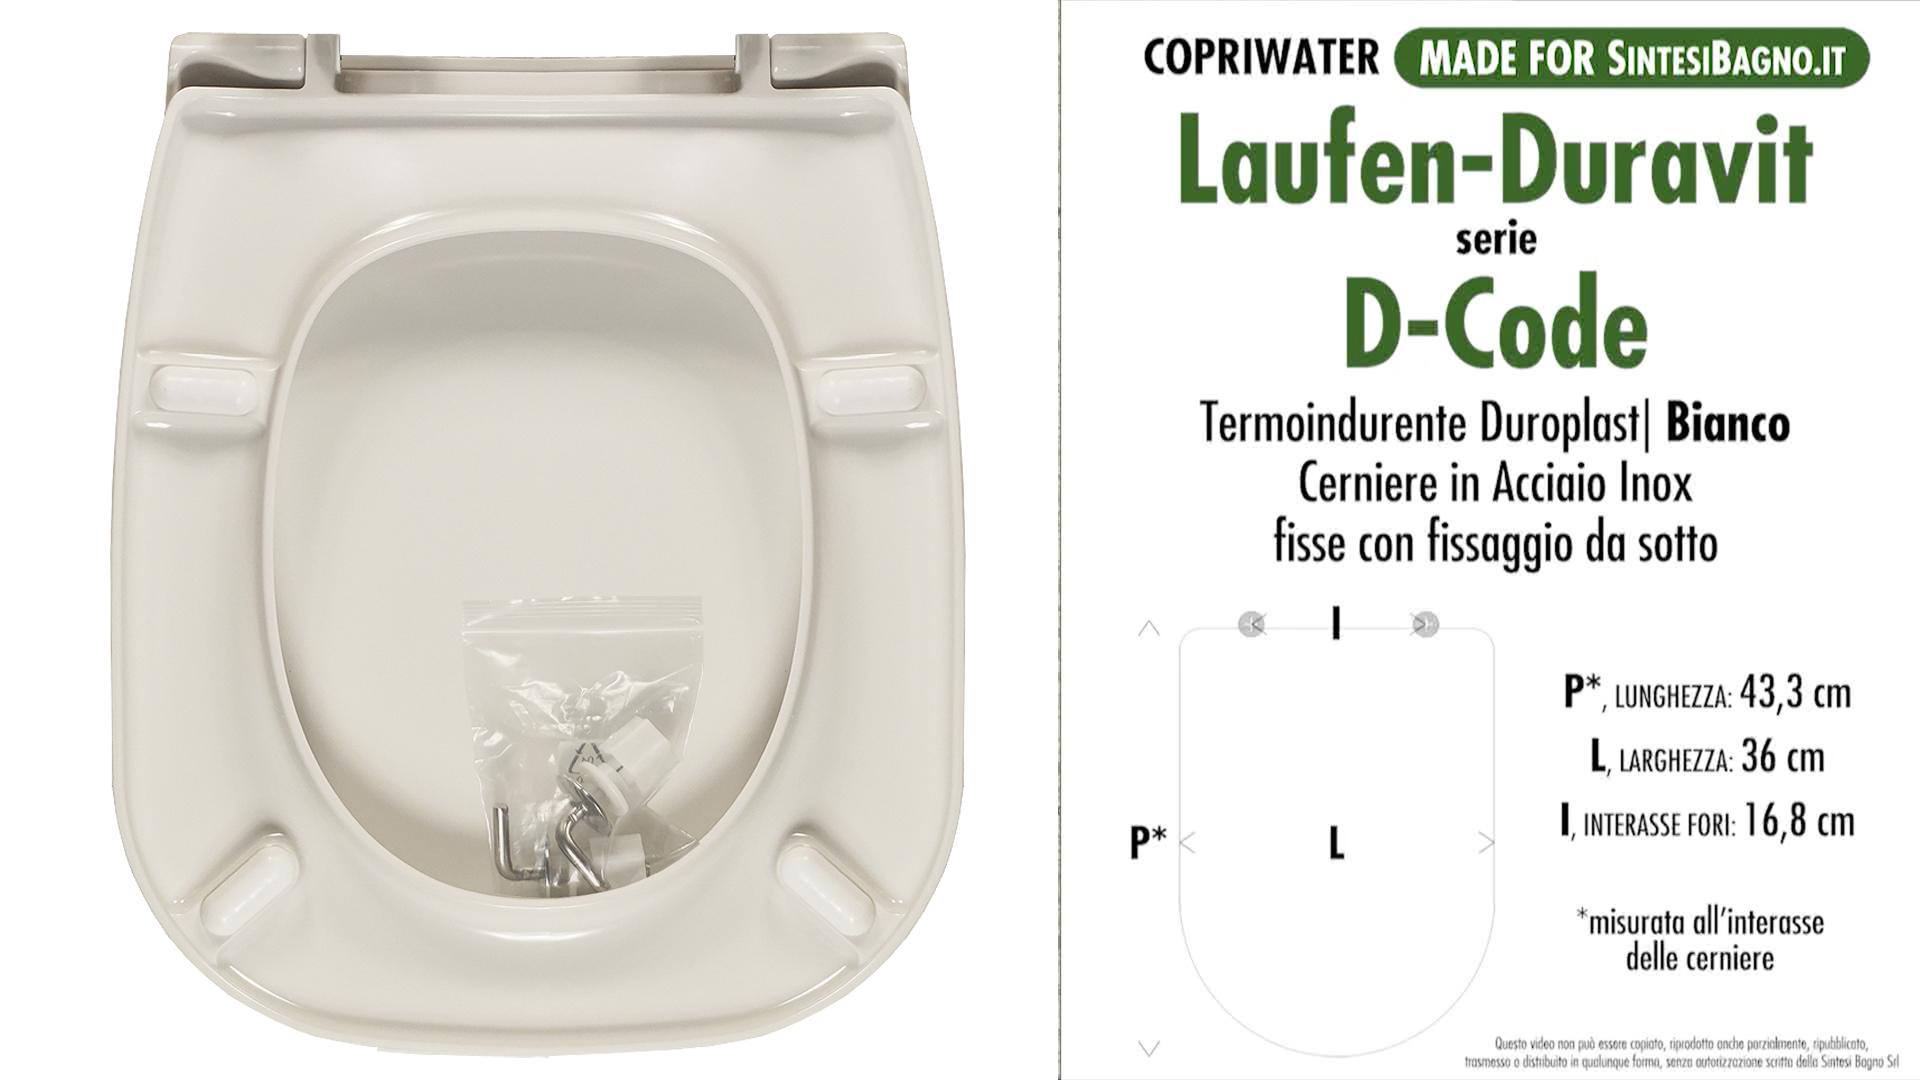 Risparmiare nell'acquisto del copriwater DURAVIT modello D-CODE SCHEDA TECNICA MISURE